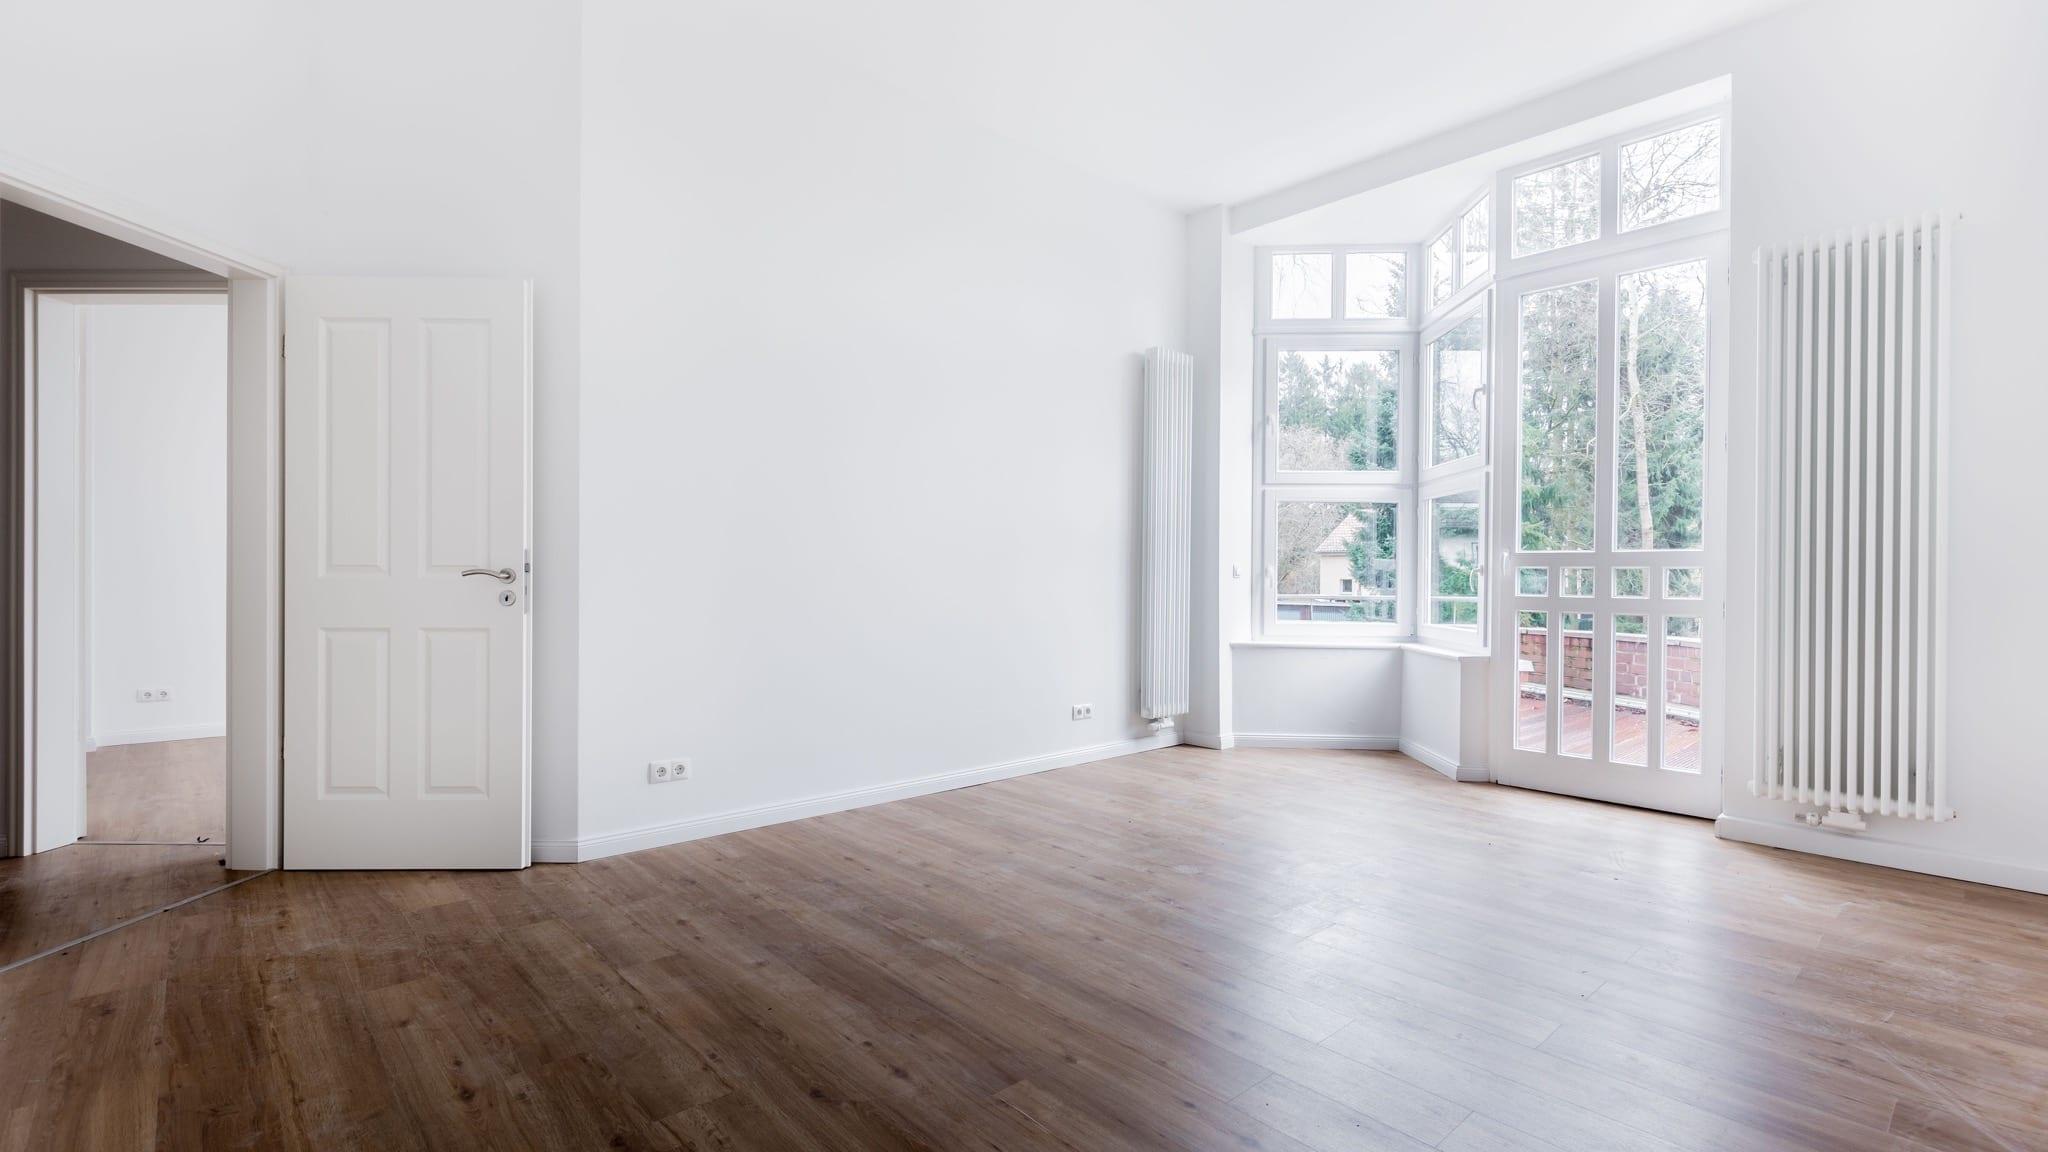 empty room hdr 894306648 5b92dd624cedfd0025fd57ae copy - Sectorul rezidențial din București continuă ritmul accelerat de dezvoltare și în 2021